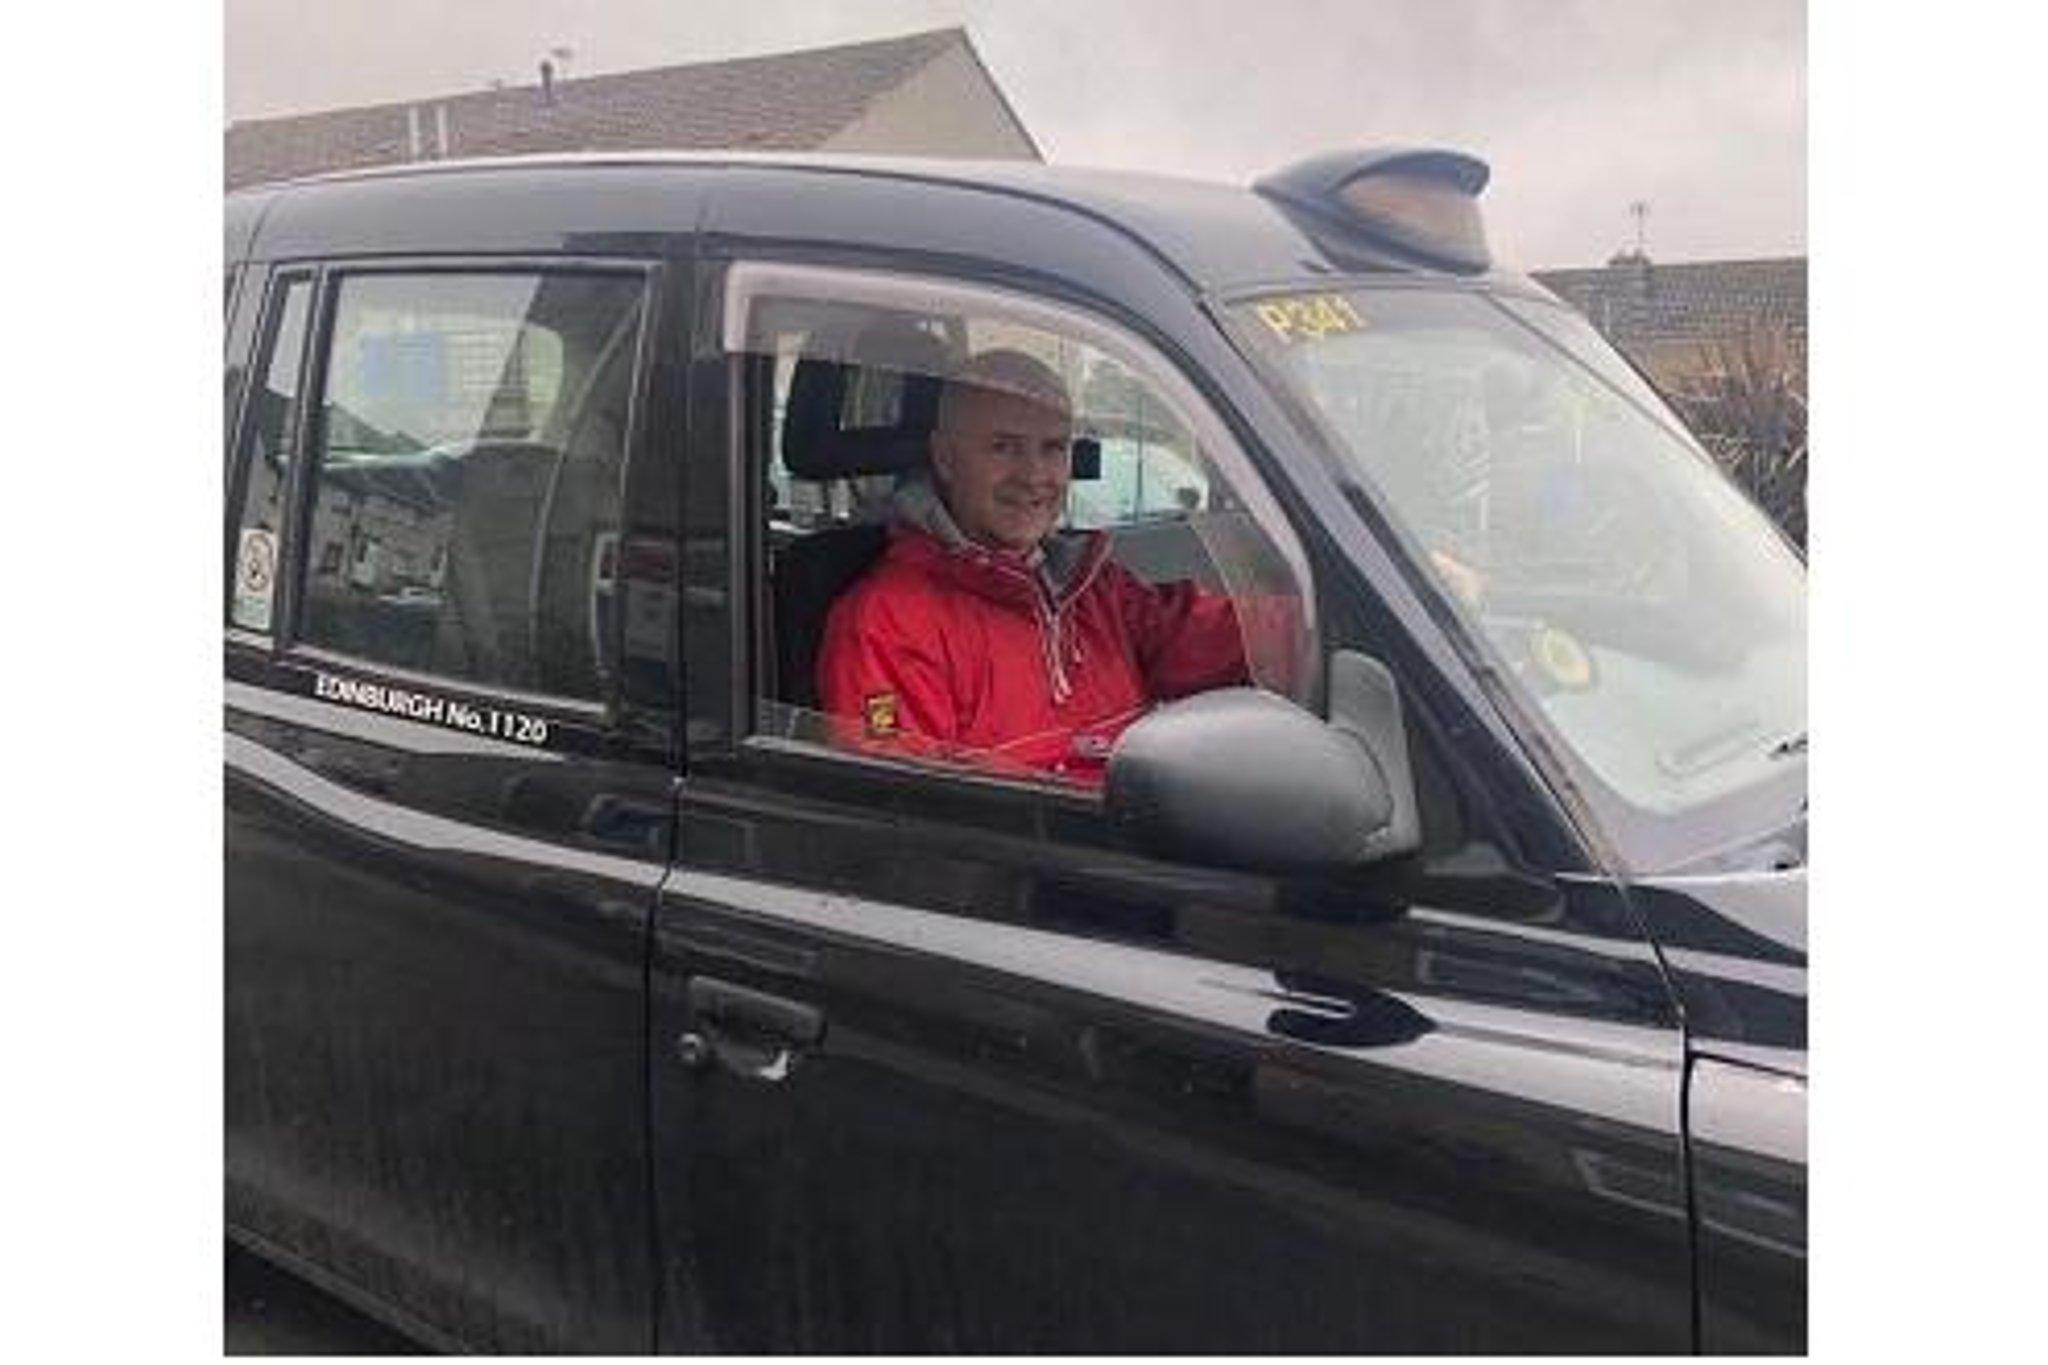 Fake london cab